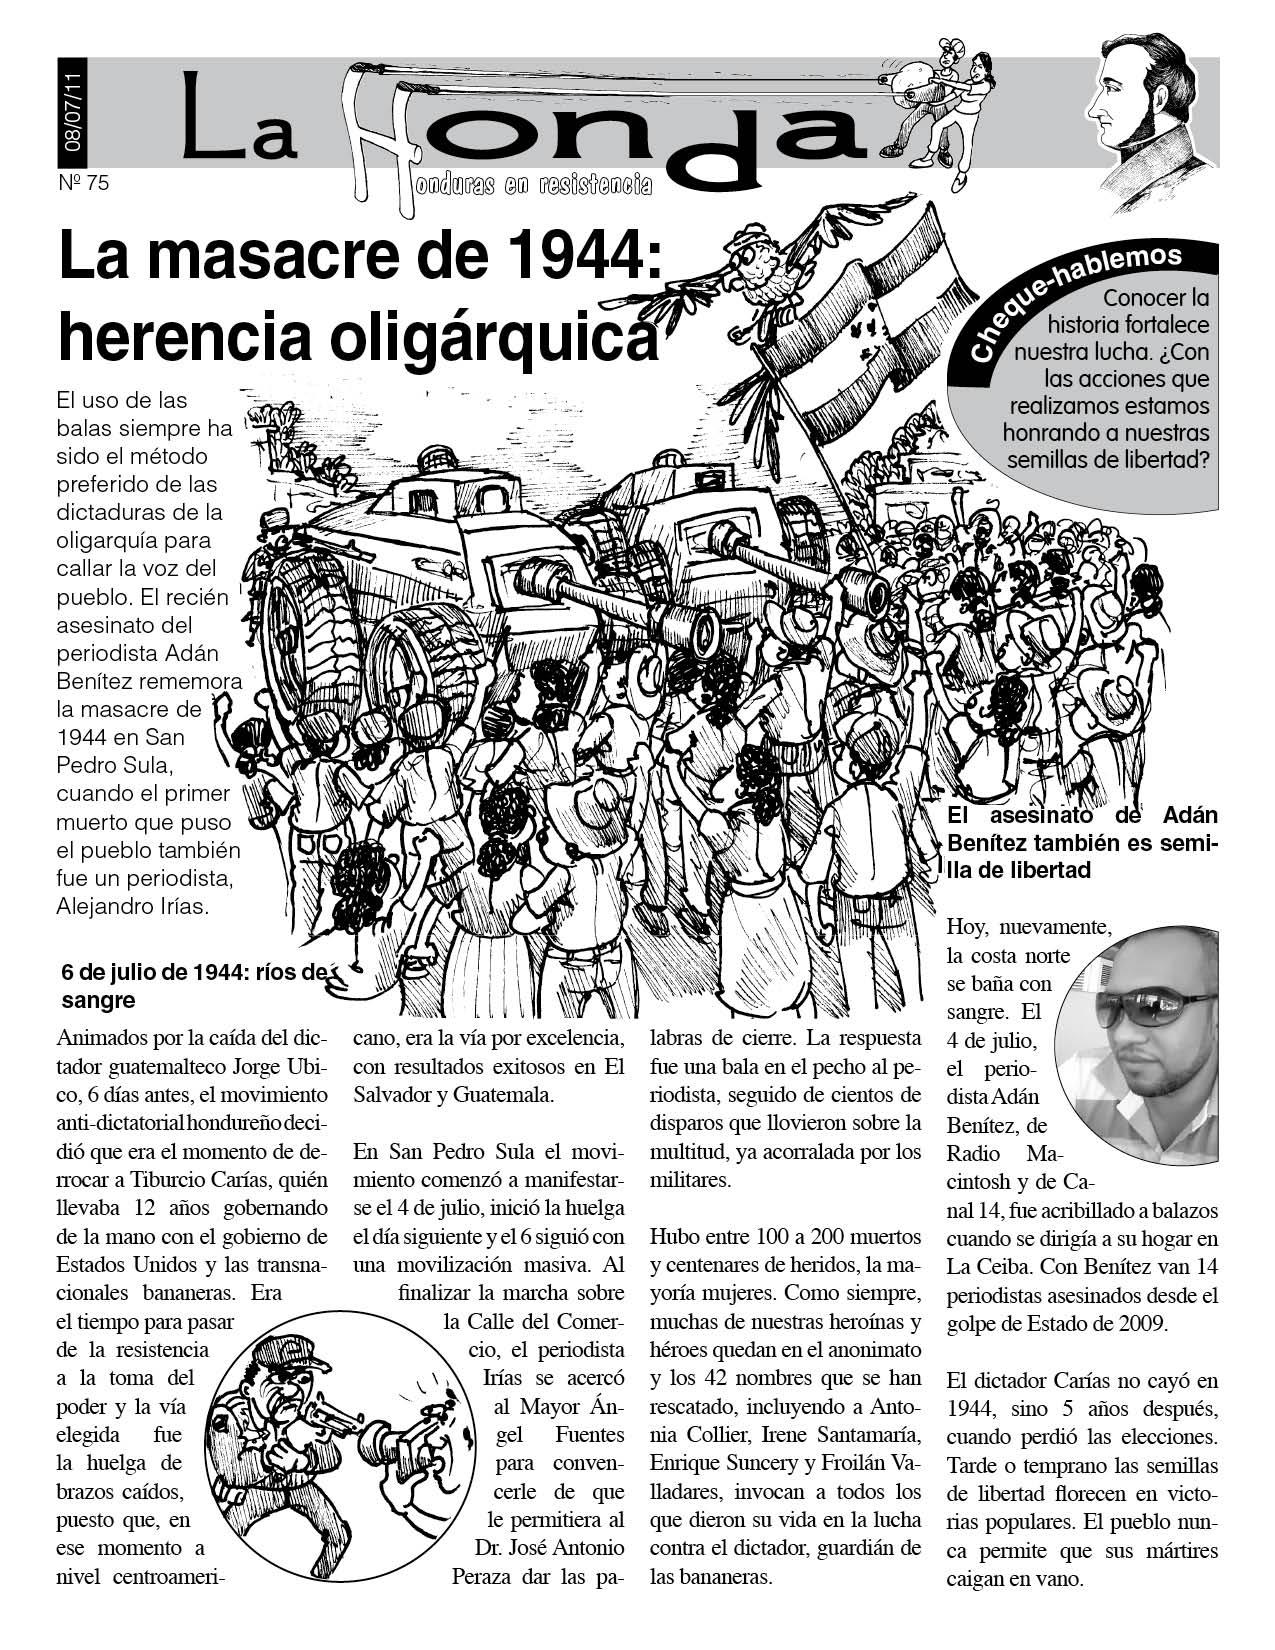 La Honda 75: La masacre de 1944: herencia oligárquica